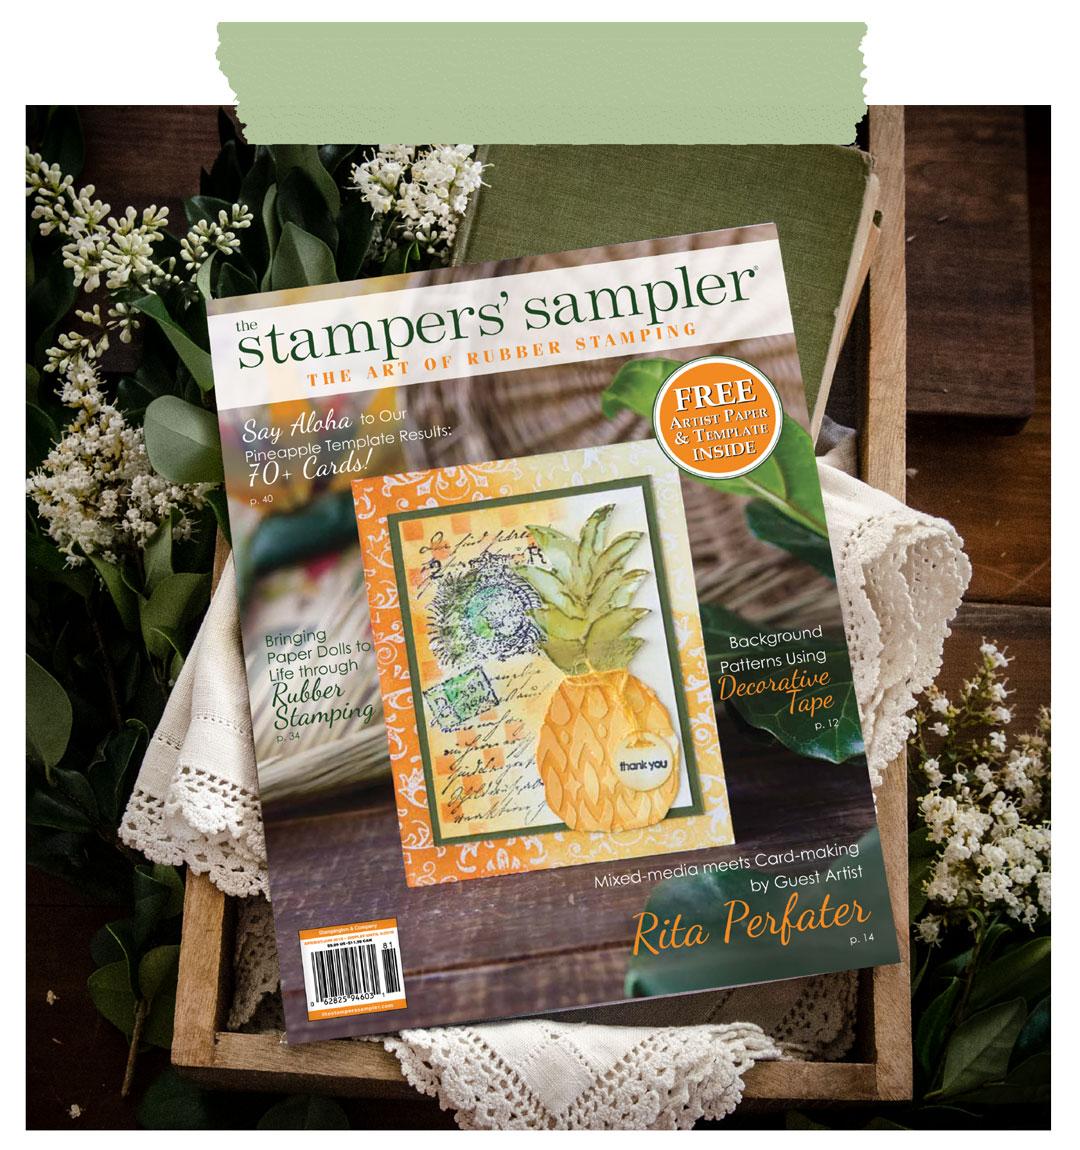 The Stampers' Sampler